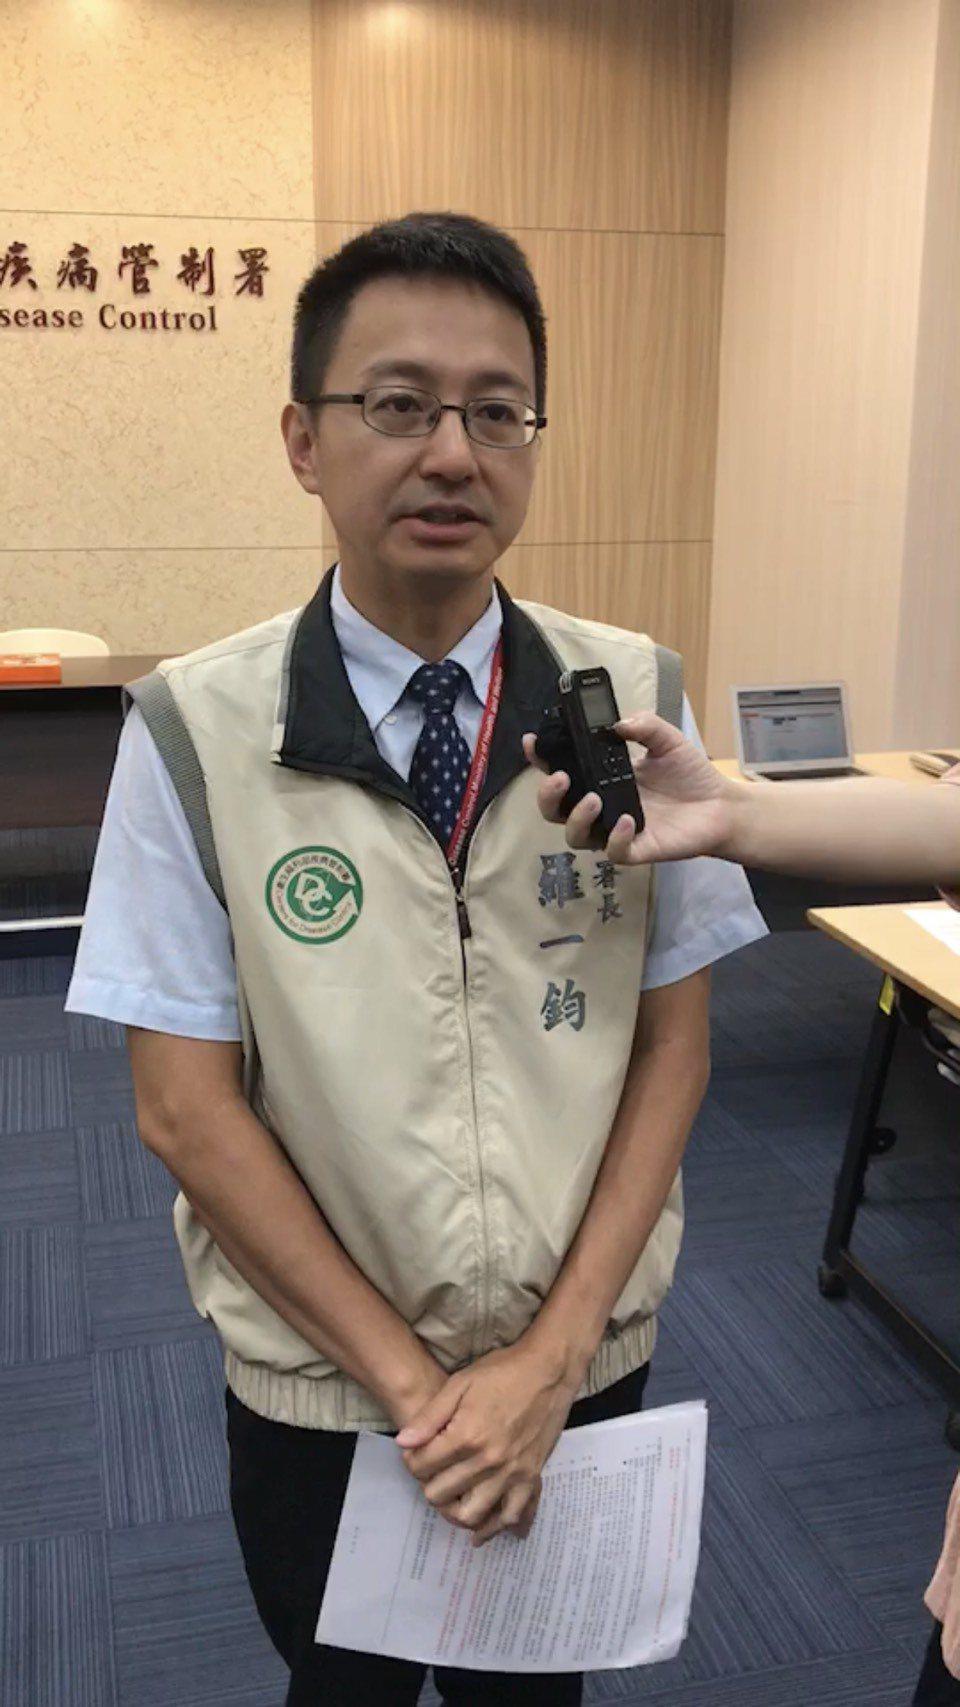 疾管署副署長羅一鈞表示,疾管署日前已再度公告,呼籲醫事人員執業請落實標準防護措施...